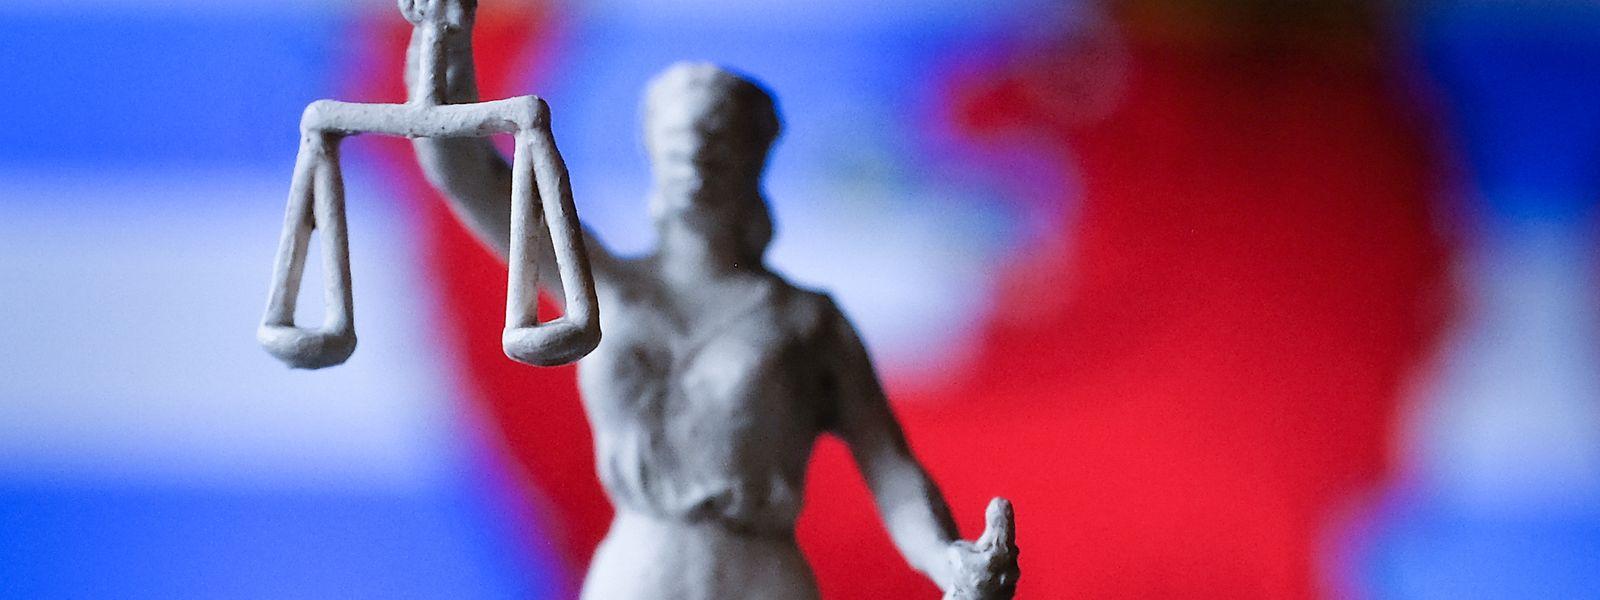 Bei der Definition der Unabhängigkeit der Justiz gehen die Meinungen auseinander.